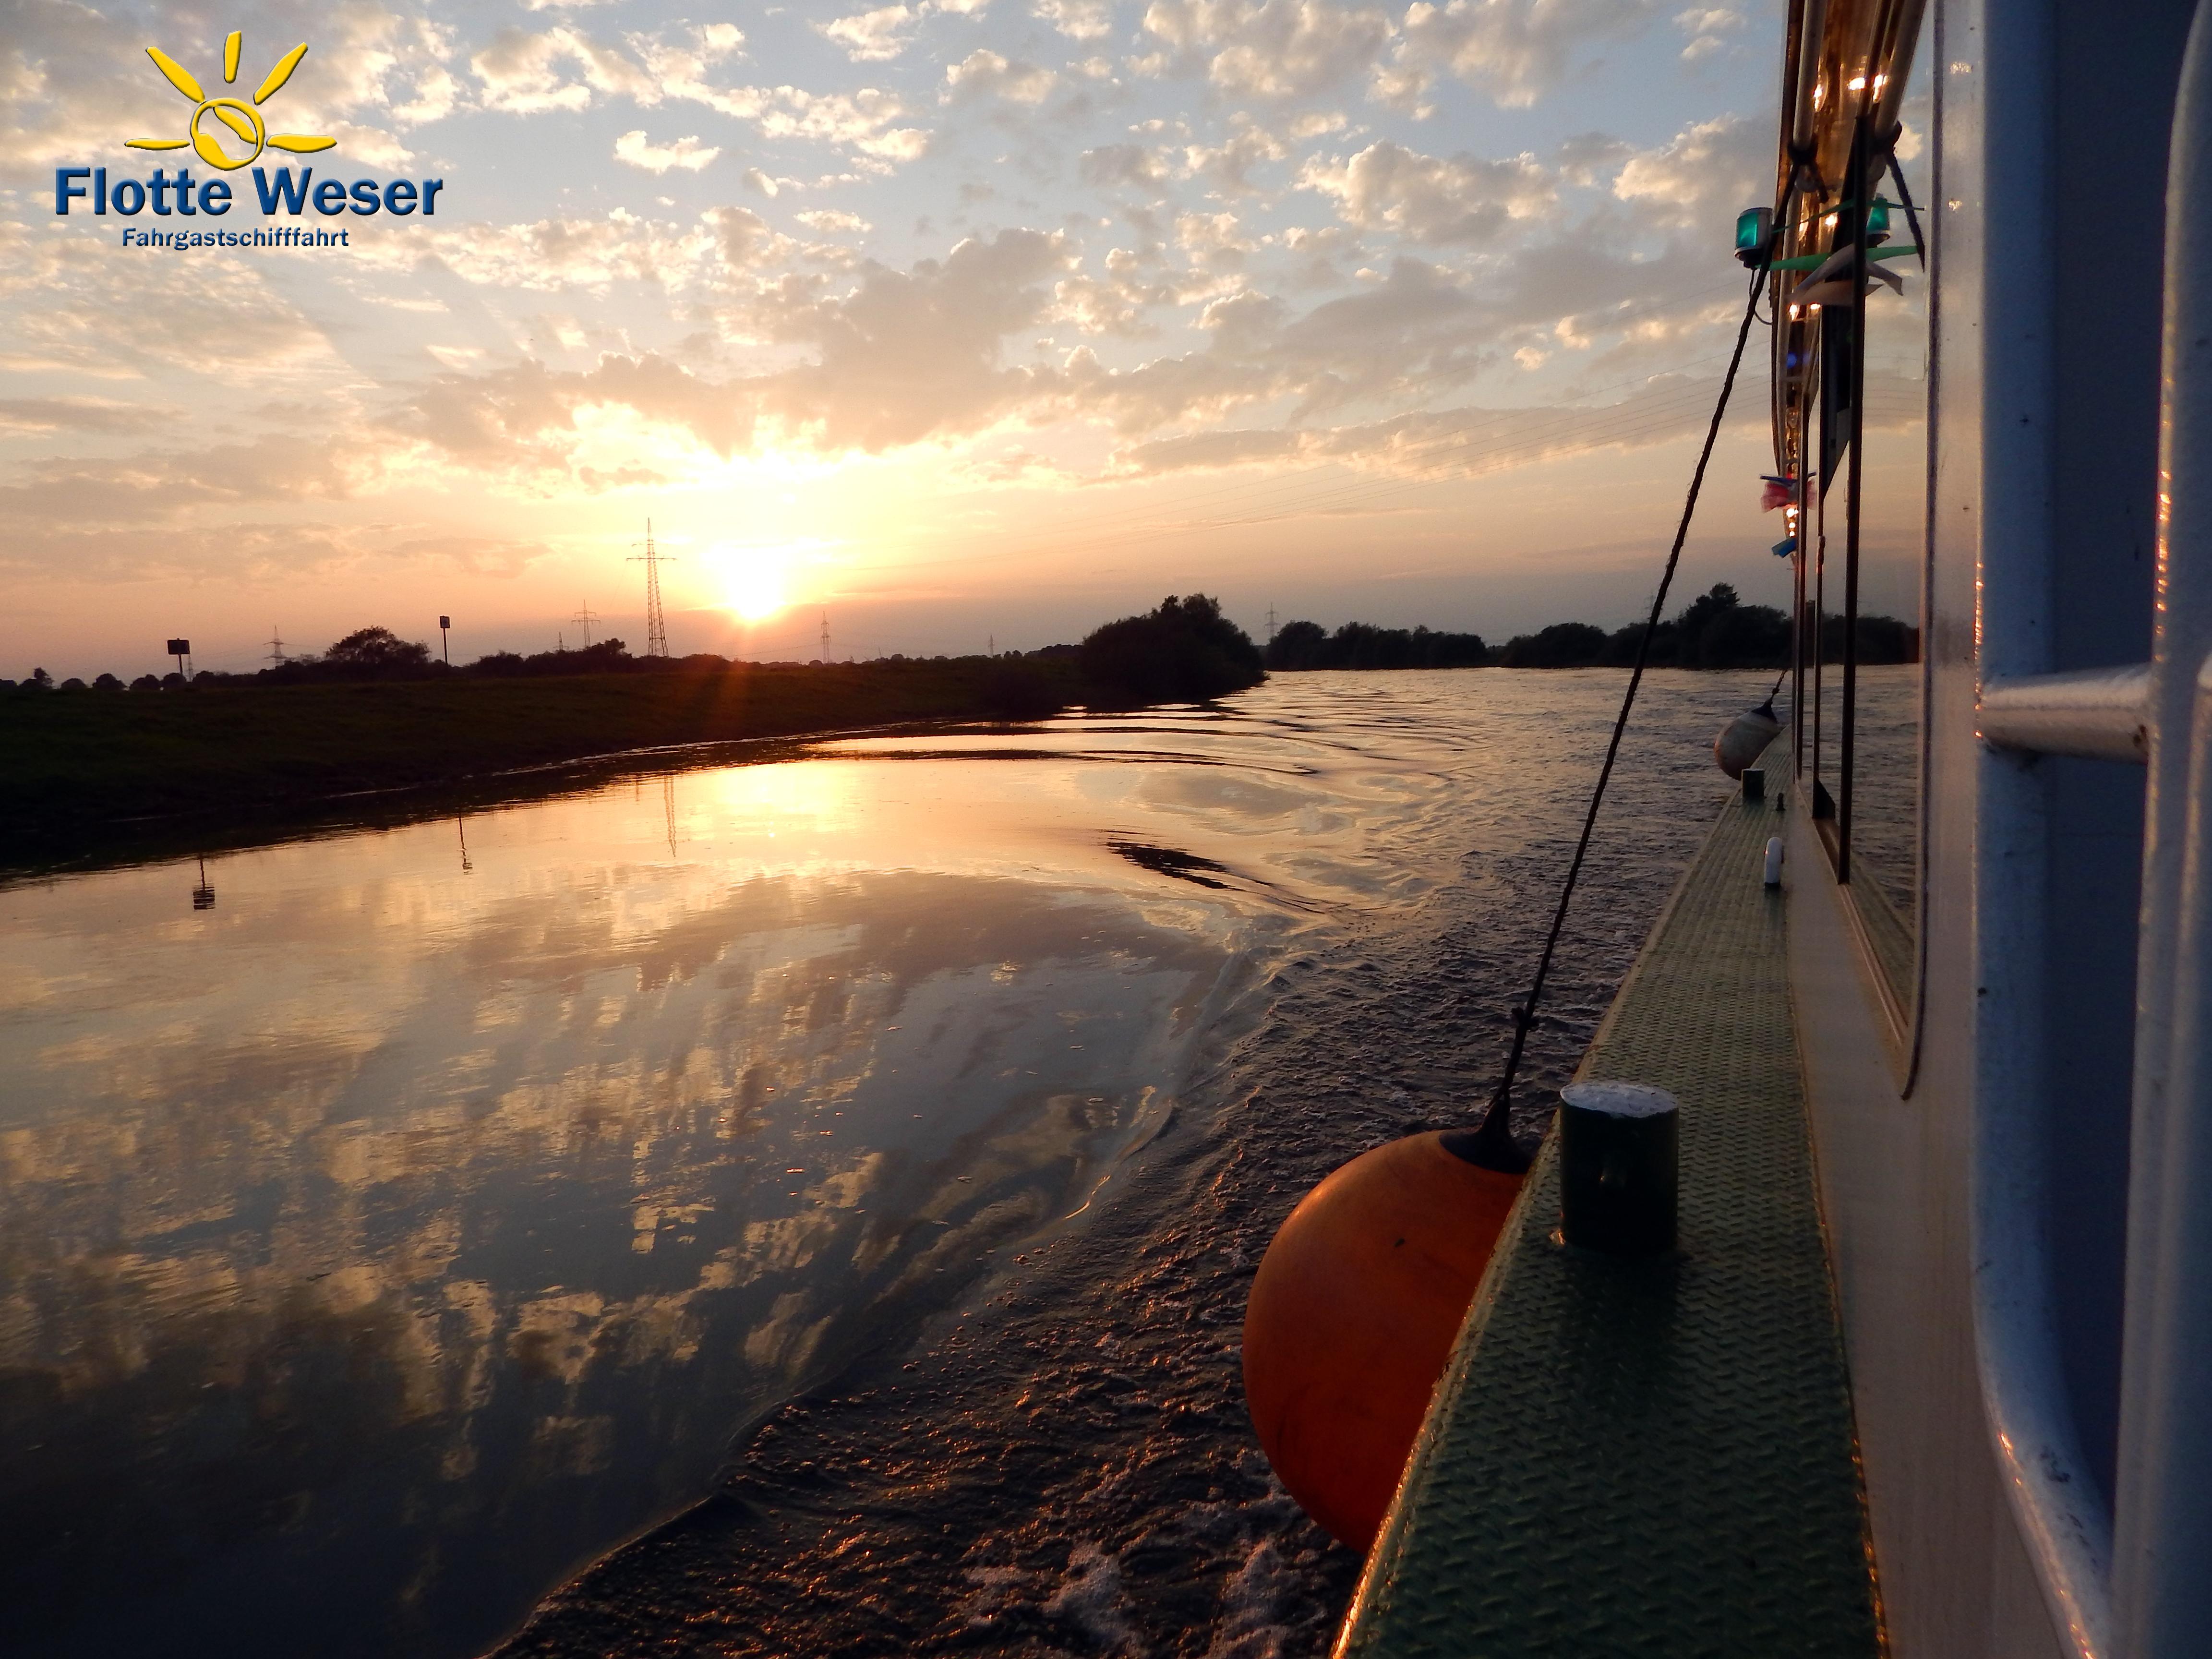 Flotte Weser * Ausflugs-, und Rundfahrten auf der Aller und Weser